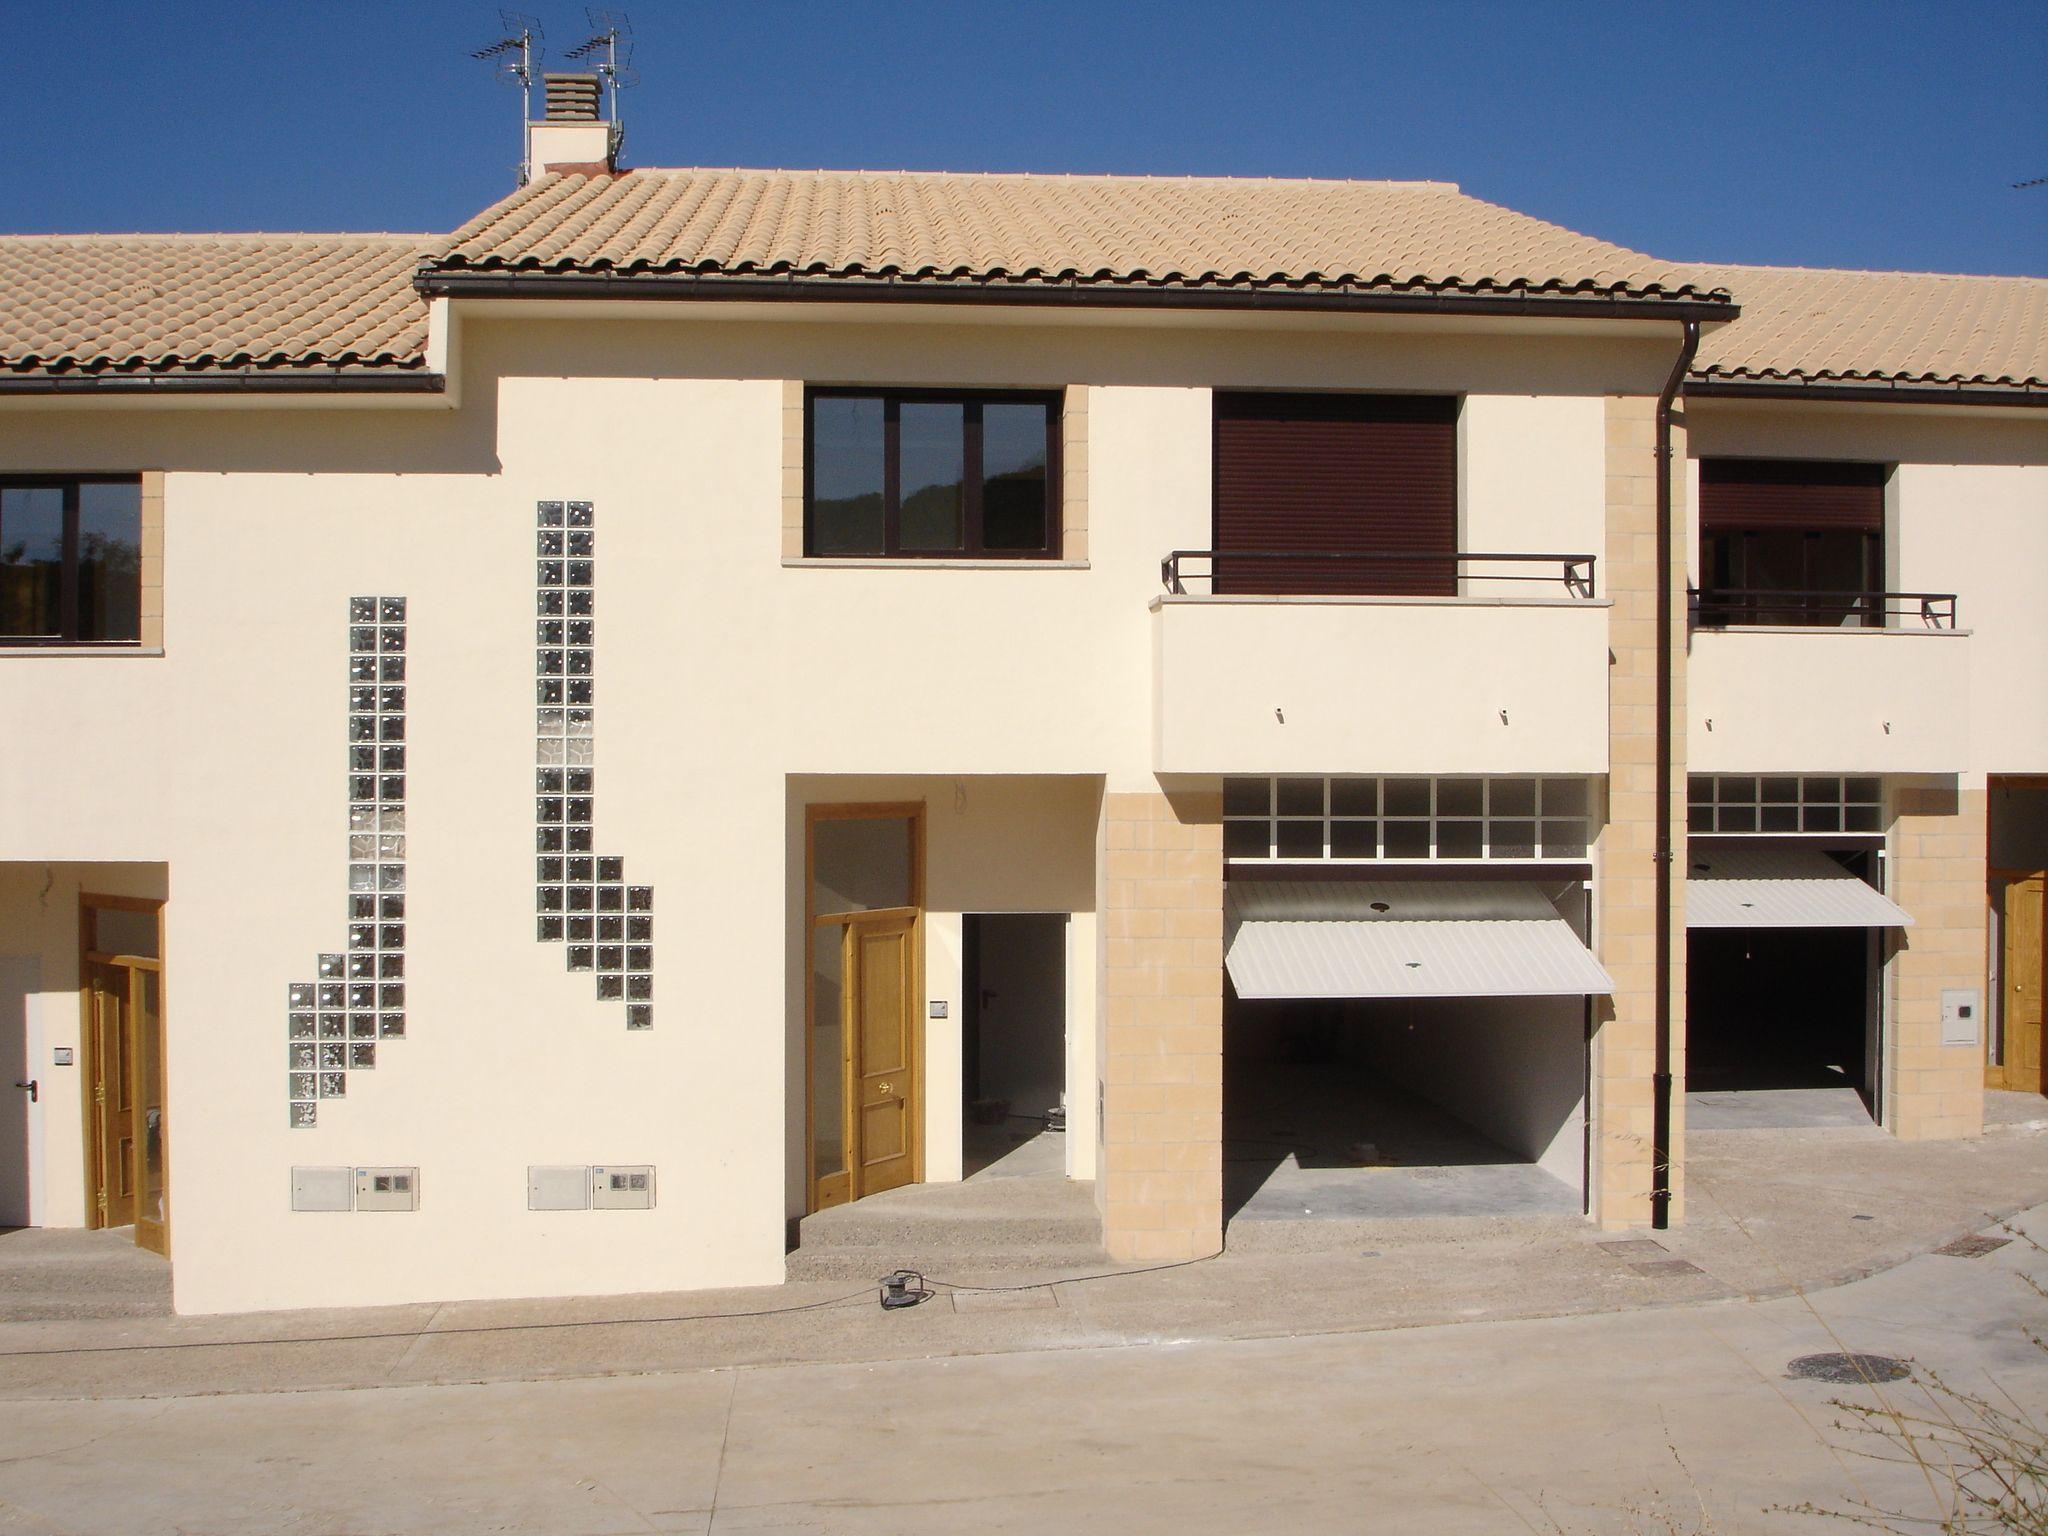 #Edificios #Contemporaneo #Balcon #Recibidor #Exterior #Garaje #Puertas #Muebles de exterior #Fachada #Vidrio #Tejado #Ventanas